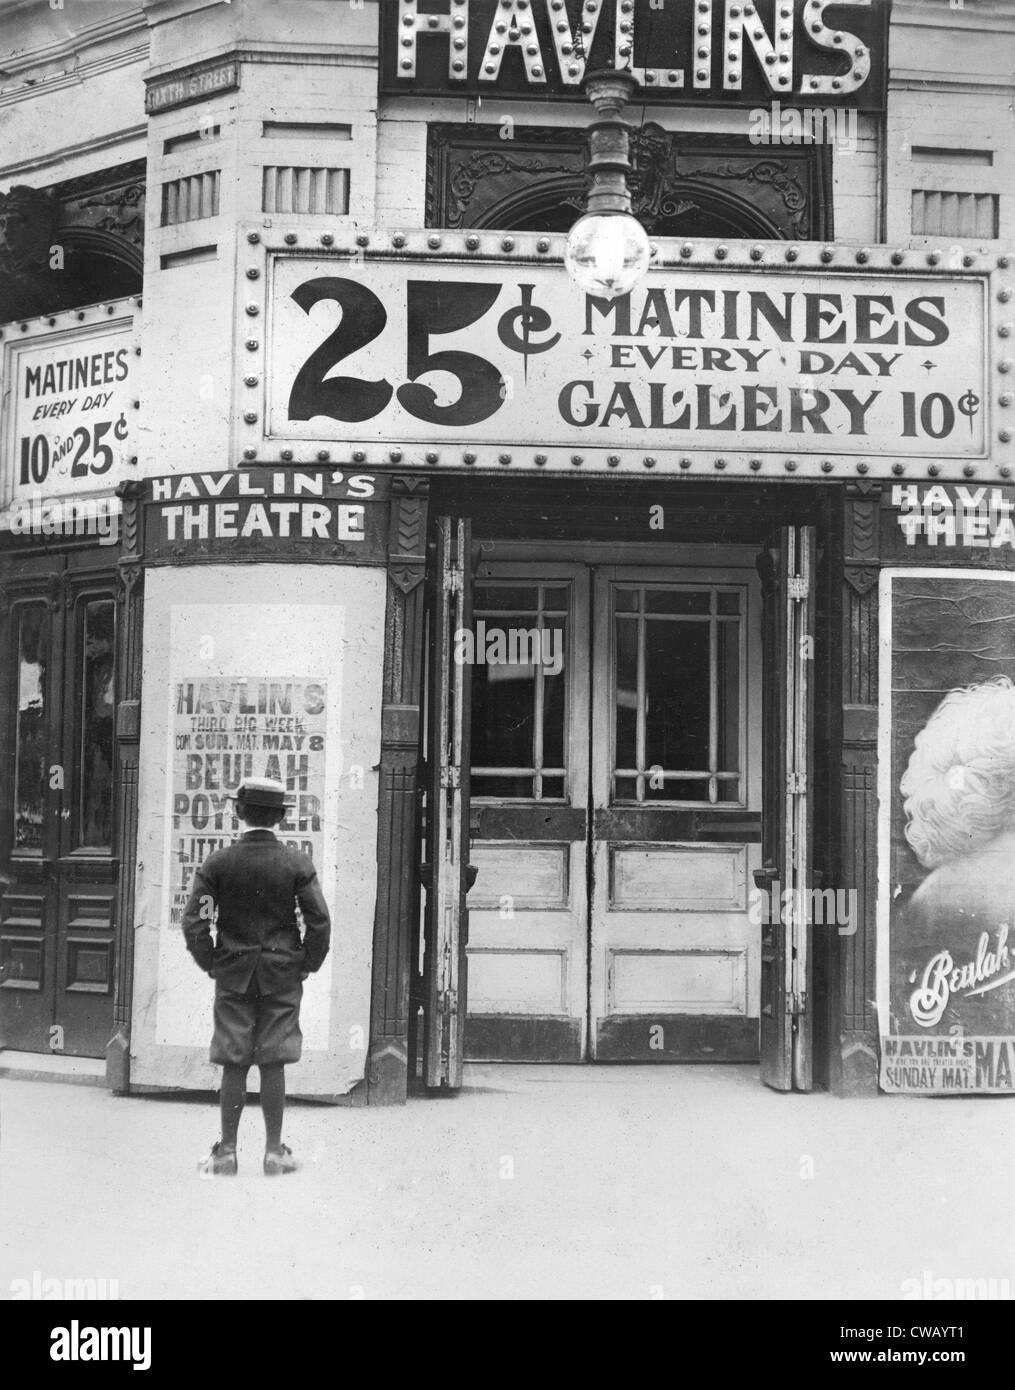 Garçon en face d'un cinéma montrant un film avec Beulah Poynter, légende originale cite: Photo Stock